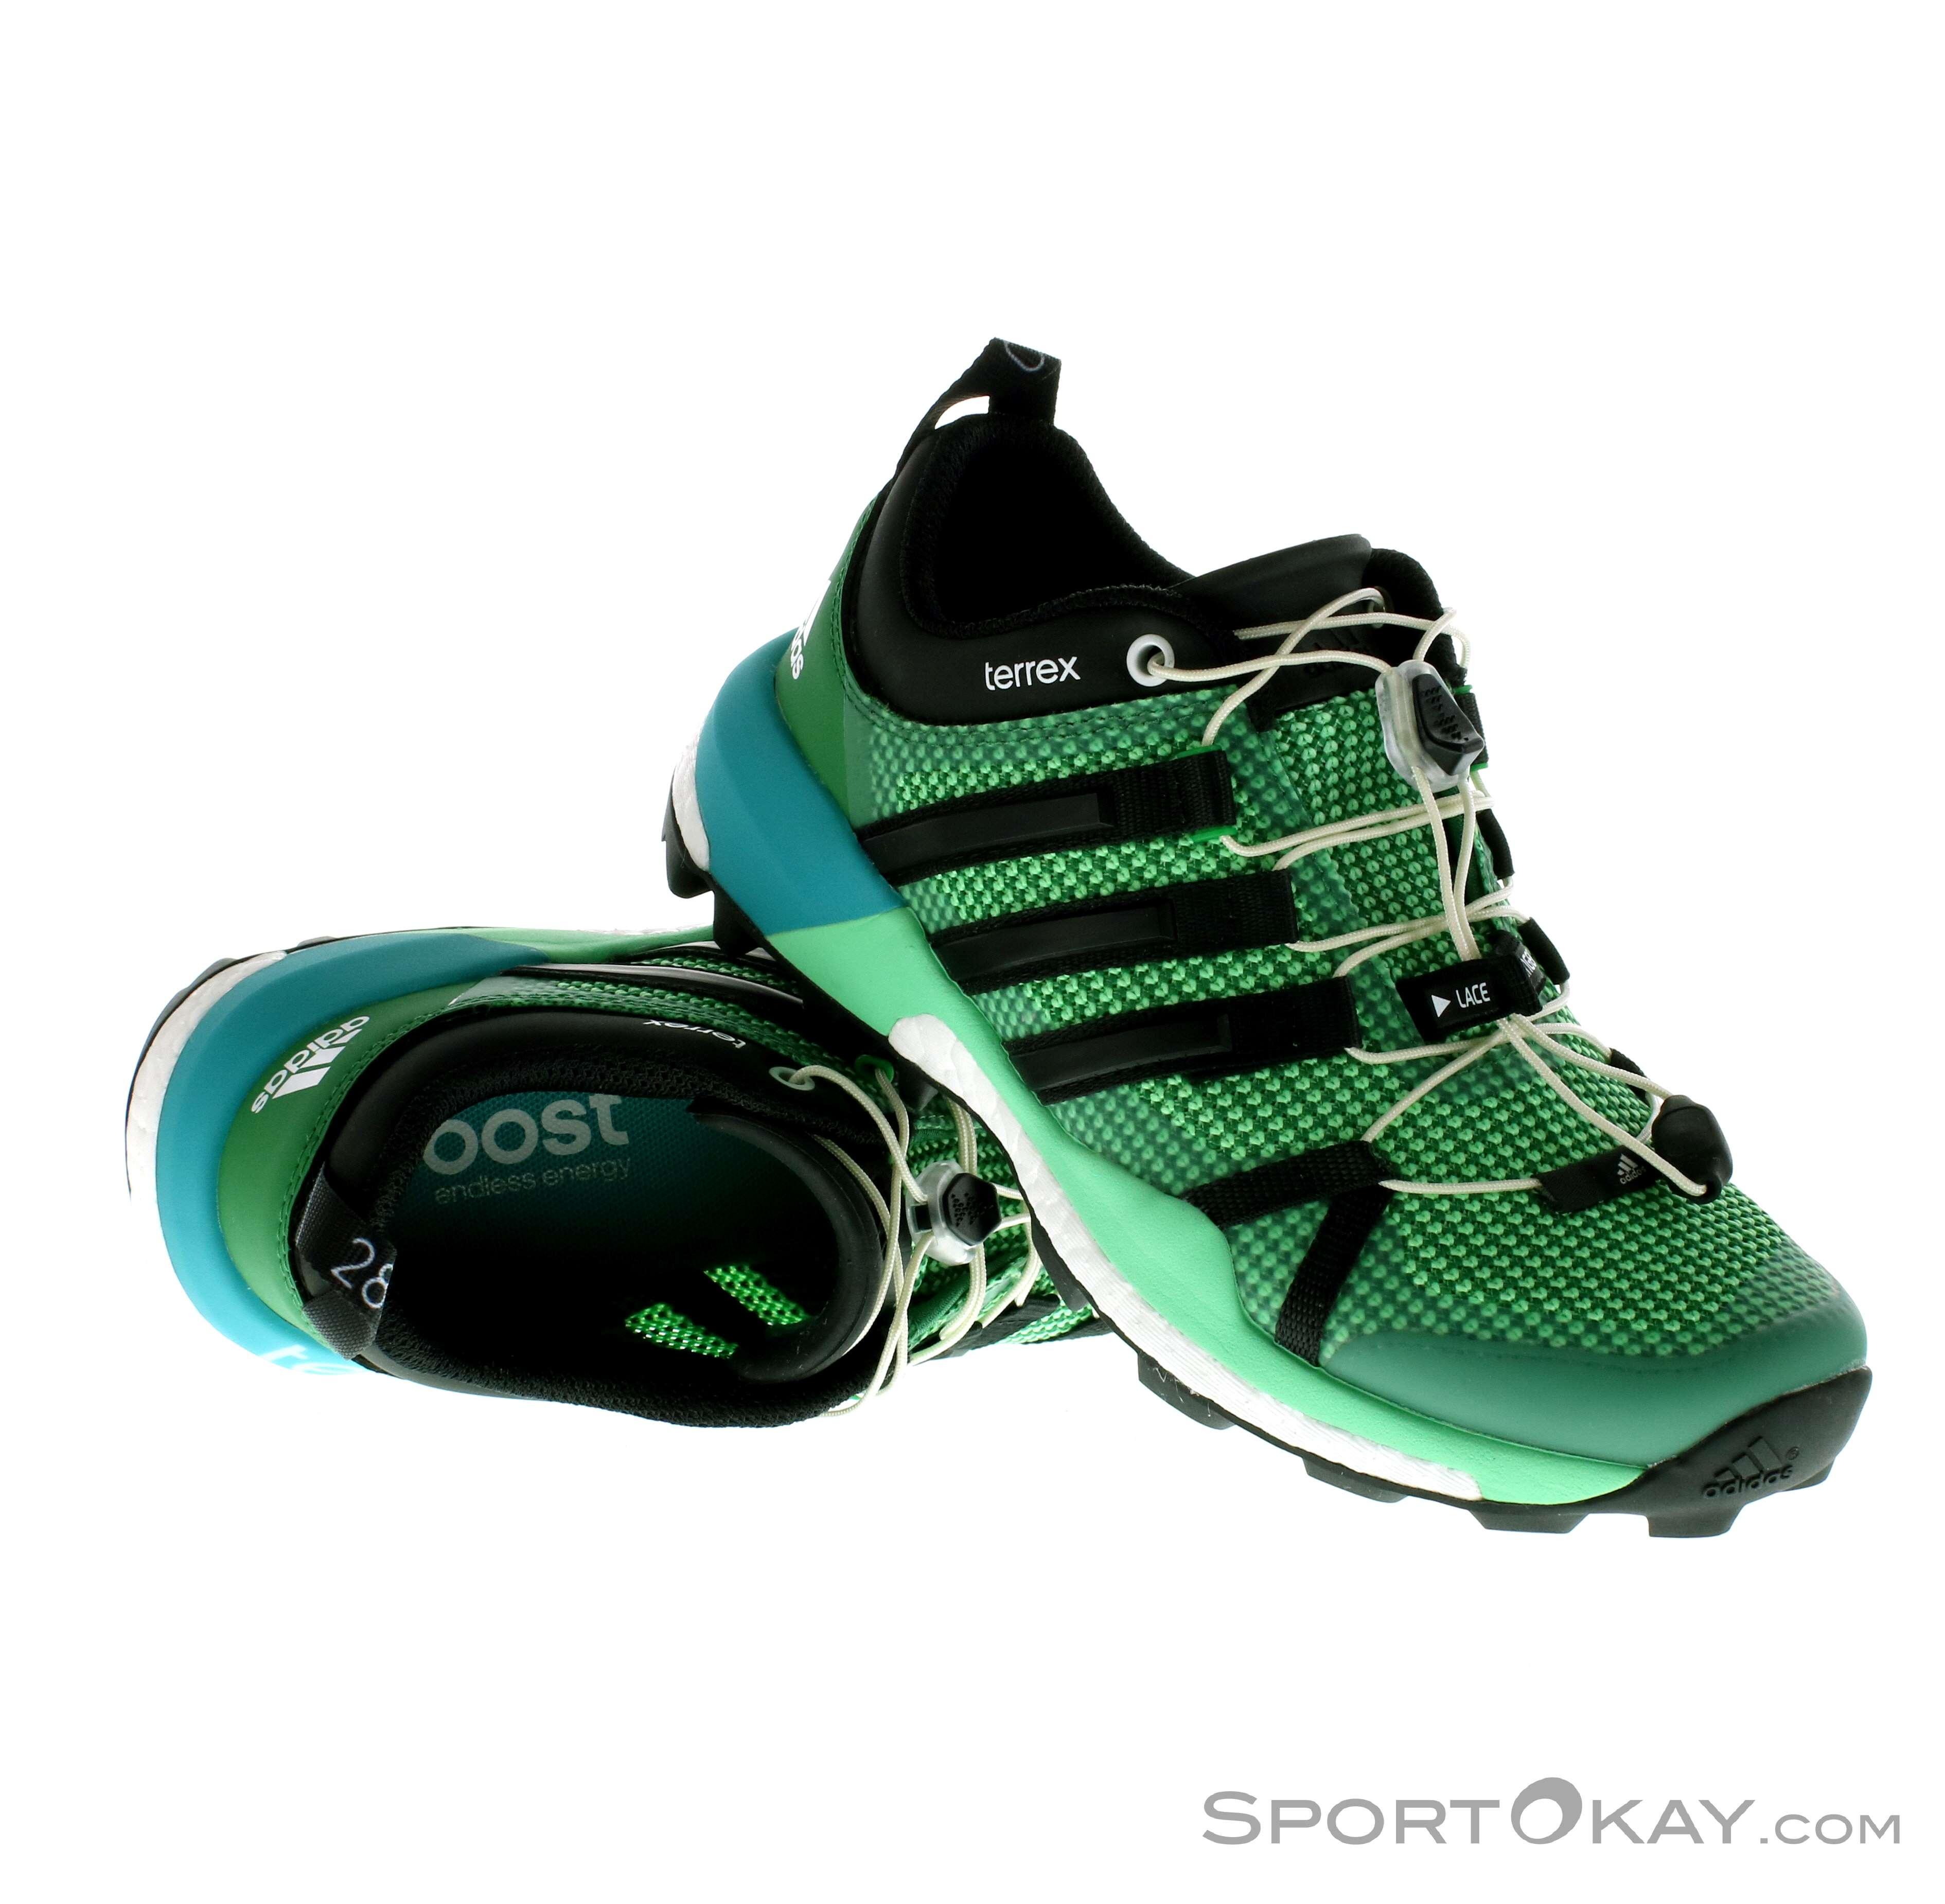 adidas Terrex Skychaser Donna Scarpe da Trail Running, adidas, Verde, , Donna,